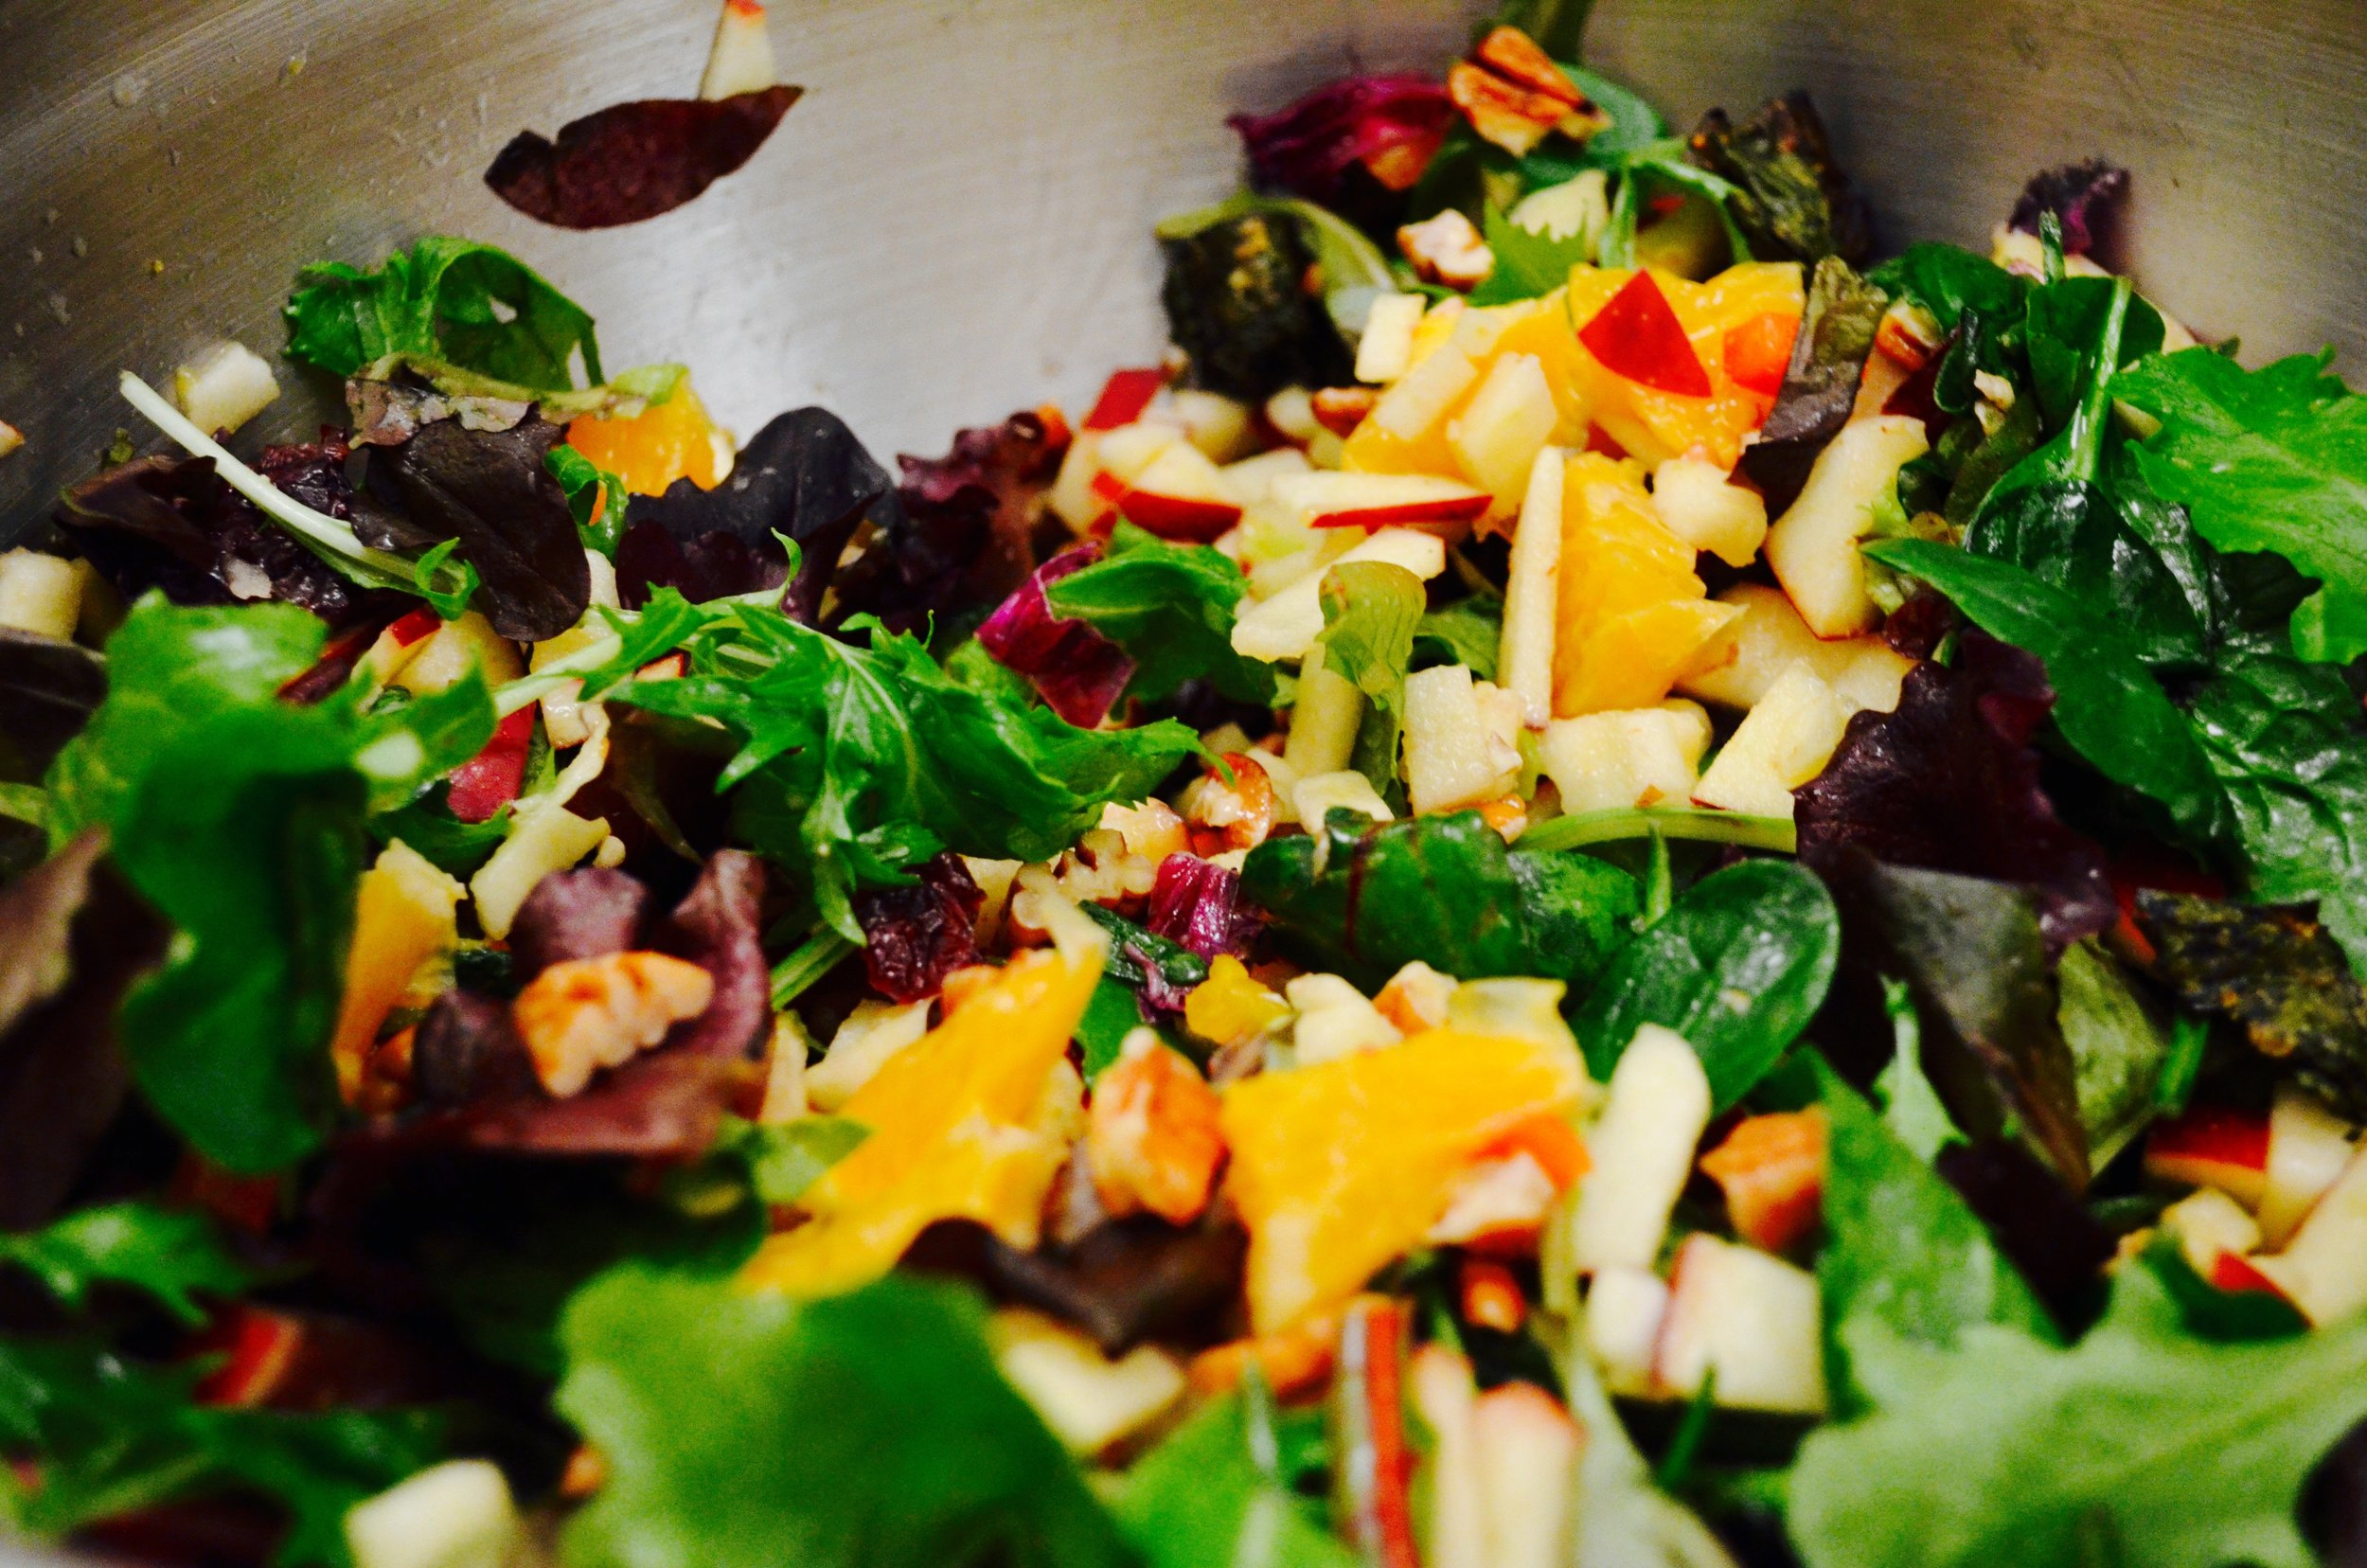 hot-yoga-teacher-training-oahu-hawaii-salad.jpg